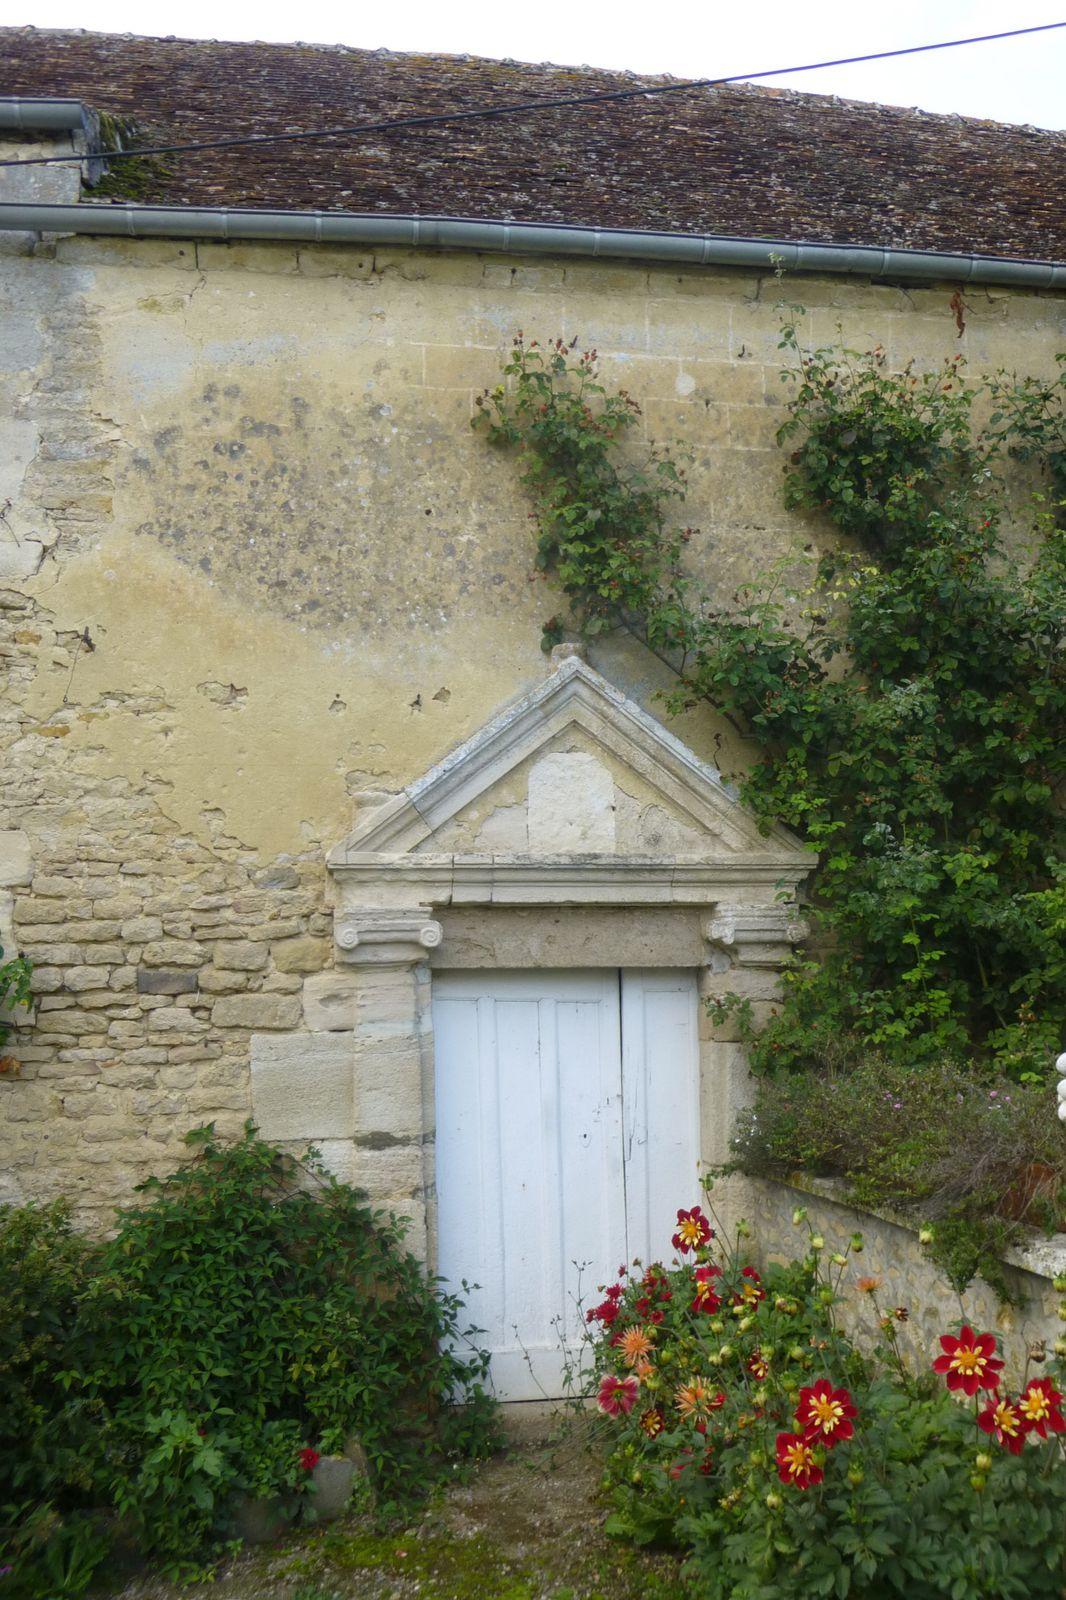 A titre de comparaison, figurent ici deux clichés du manoir de Marigny, à Mortrée (61), qui conserve un enduit à décor de faux appareil d'époque Renaissance.